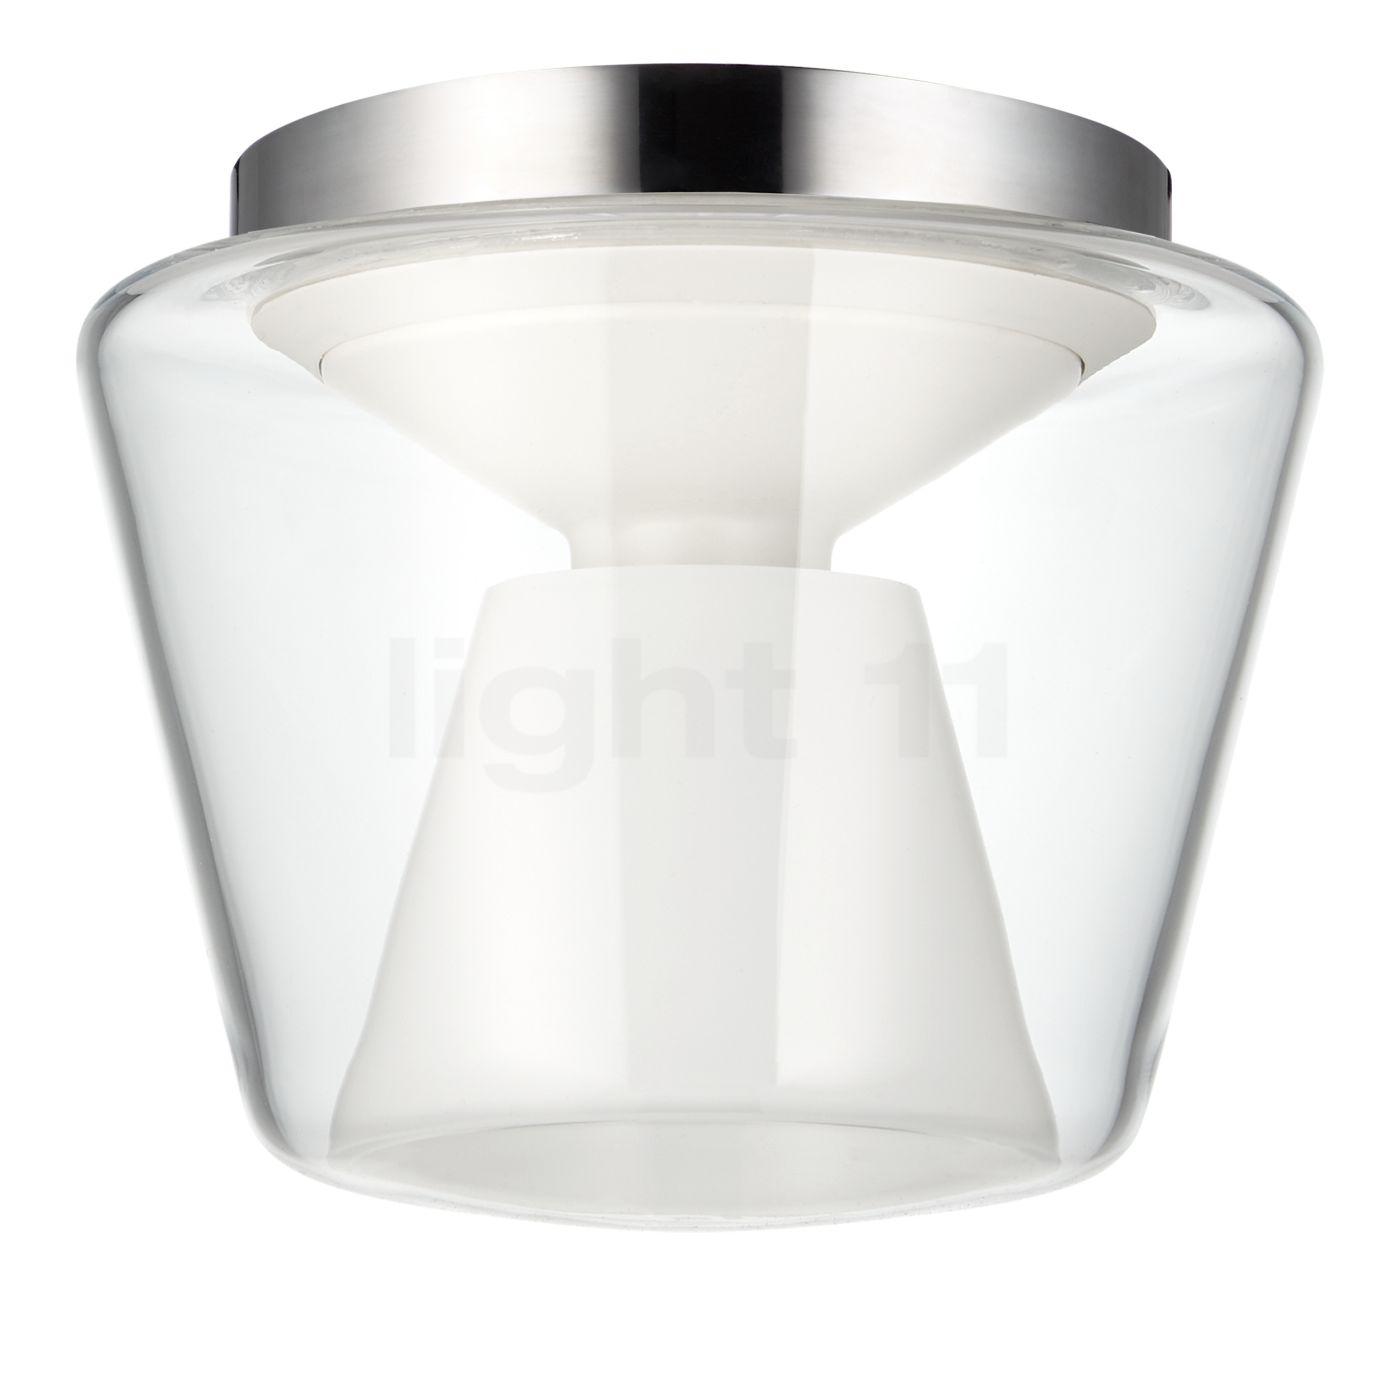 Serien Lighting Annex L 34 W Plafonnier LED, translucide clair/opale